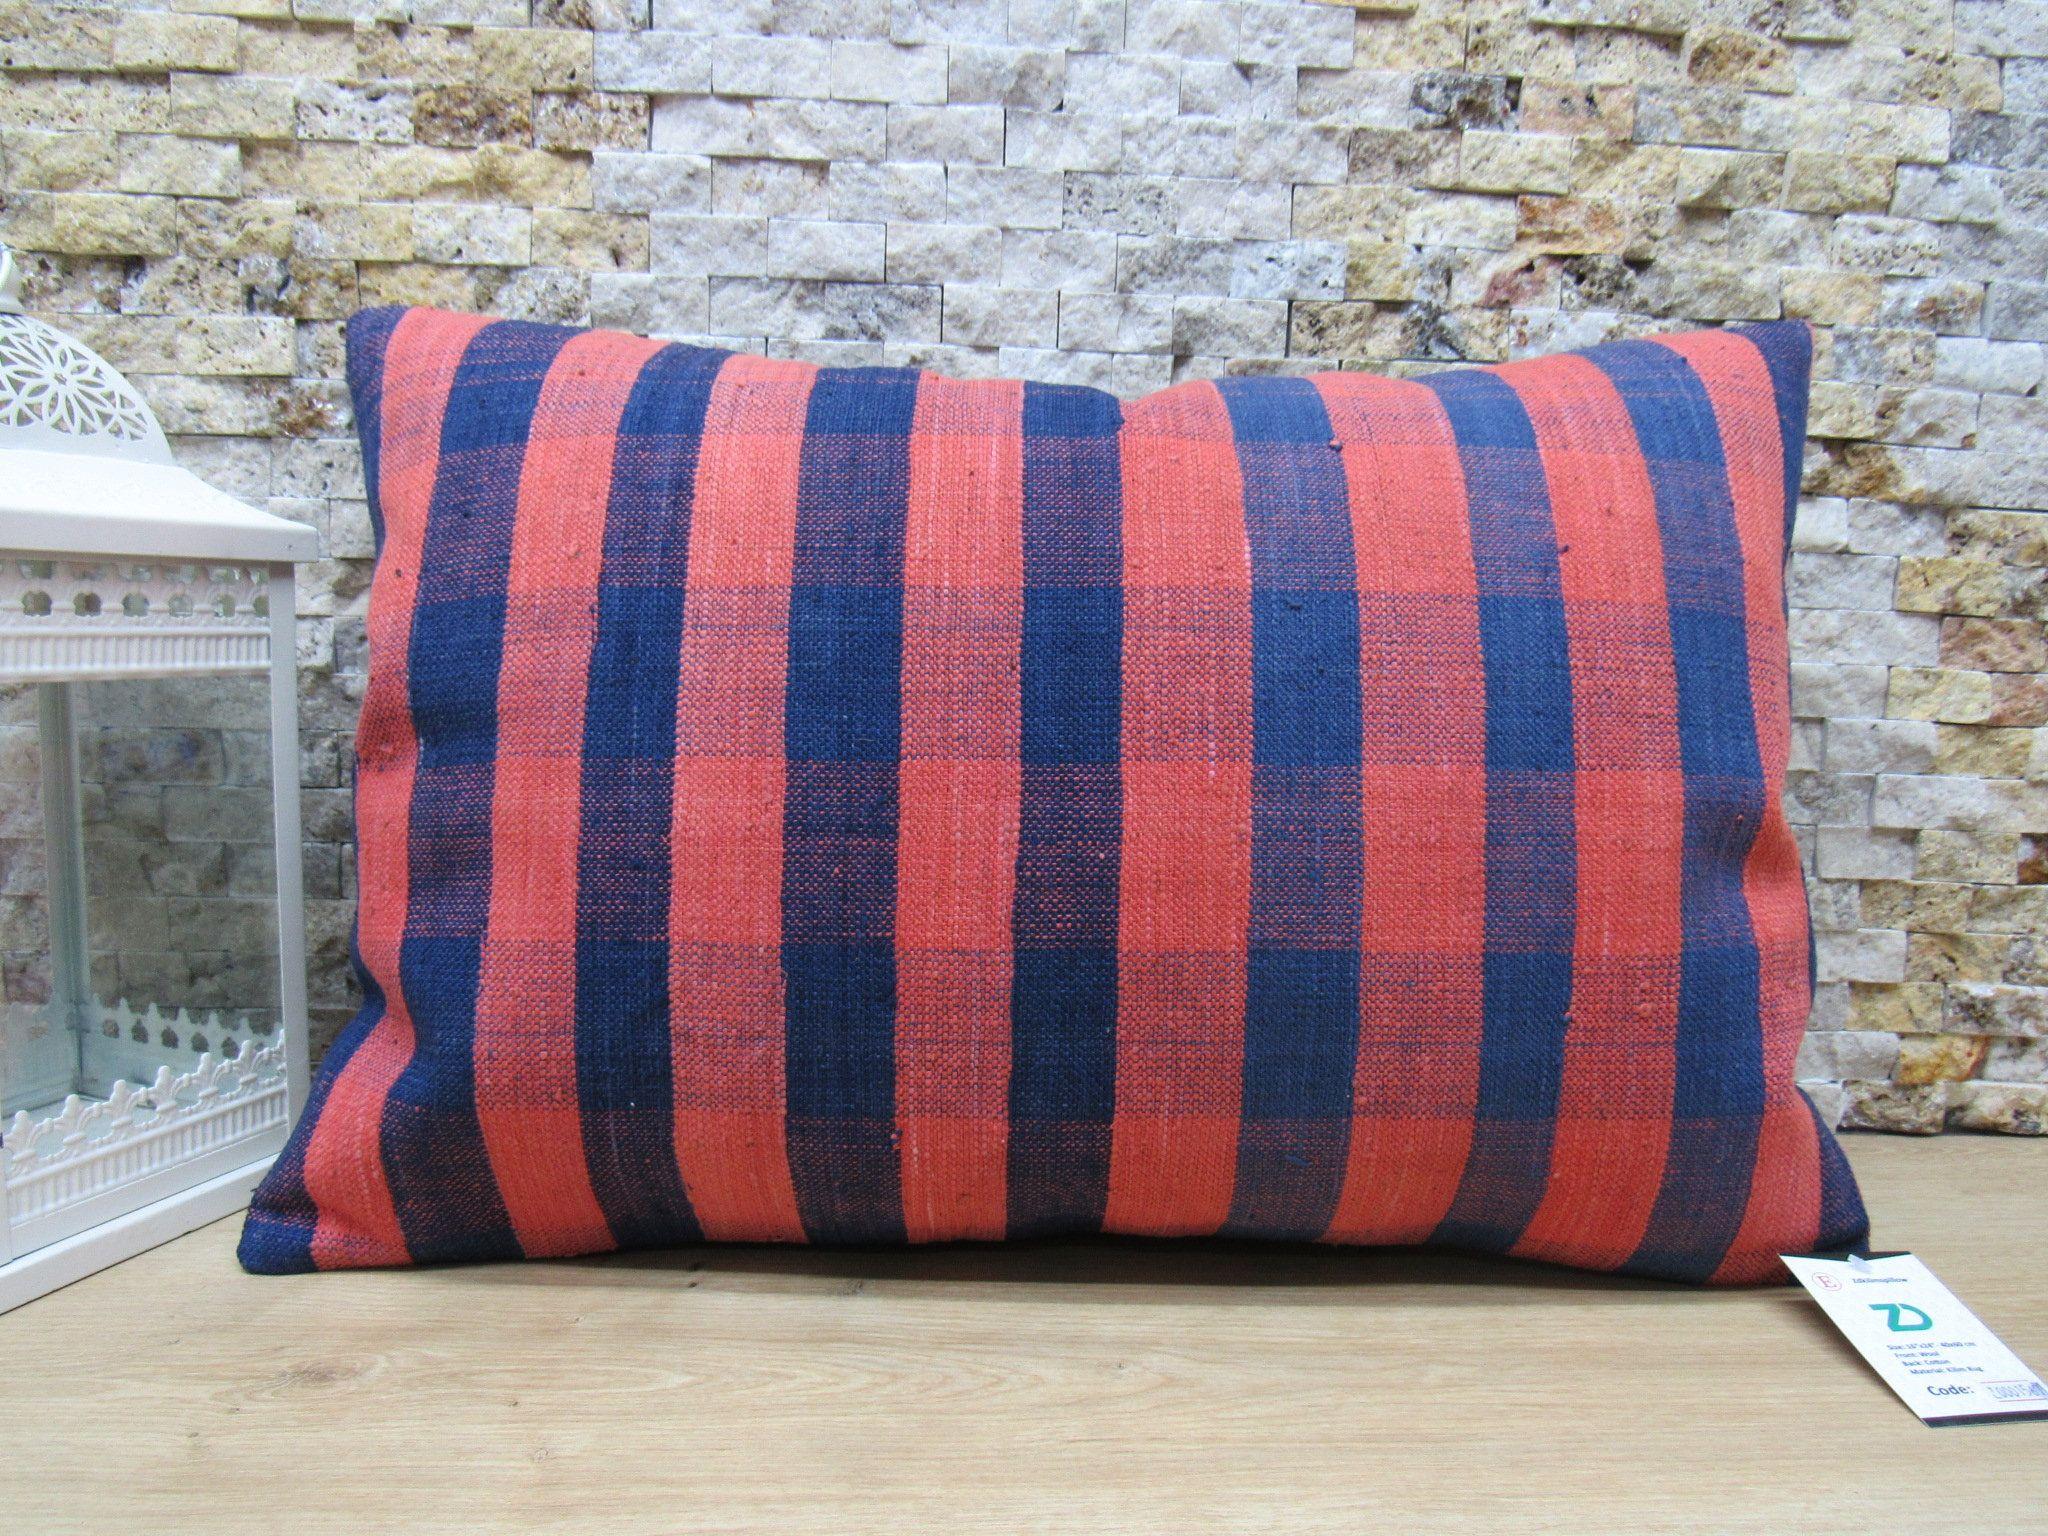 Striped pillow 16x24 turkey pillow handmade pillow sofa pillow asian pillow rustic pillow home decor ethnic pillow floor pillow code 1567